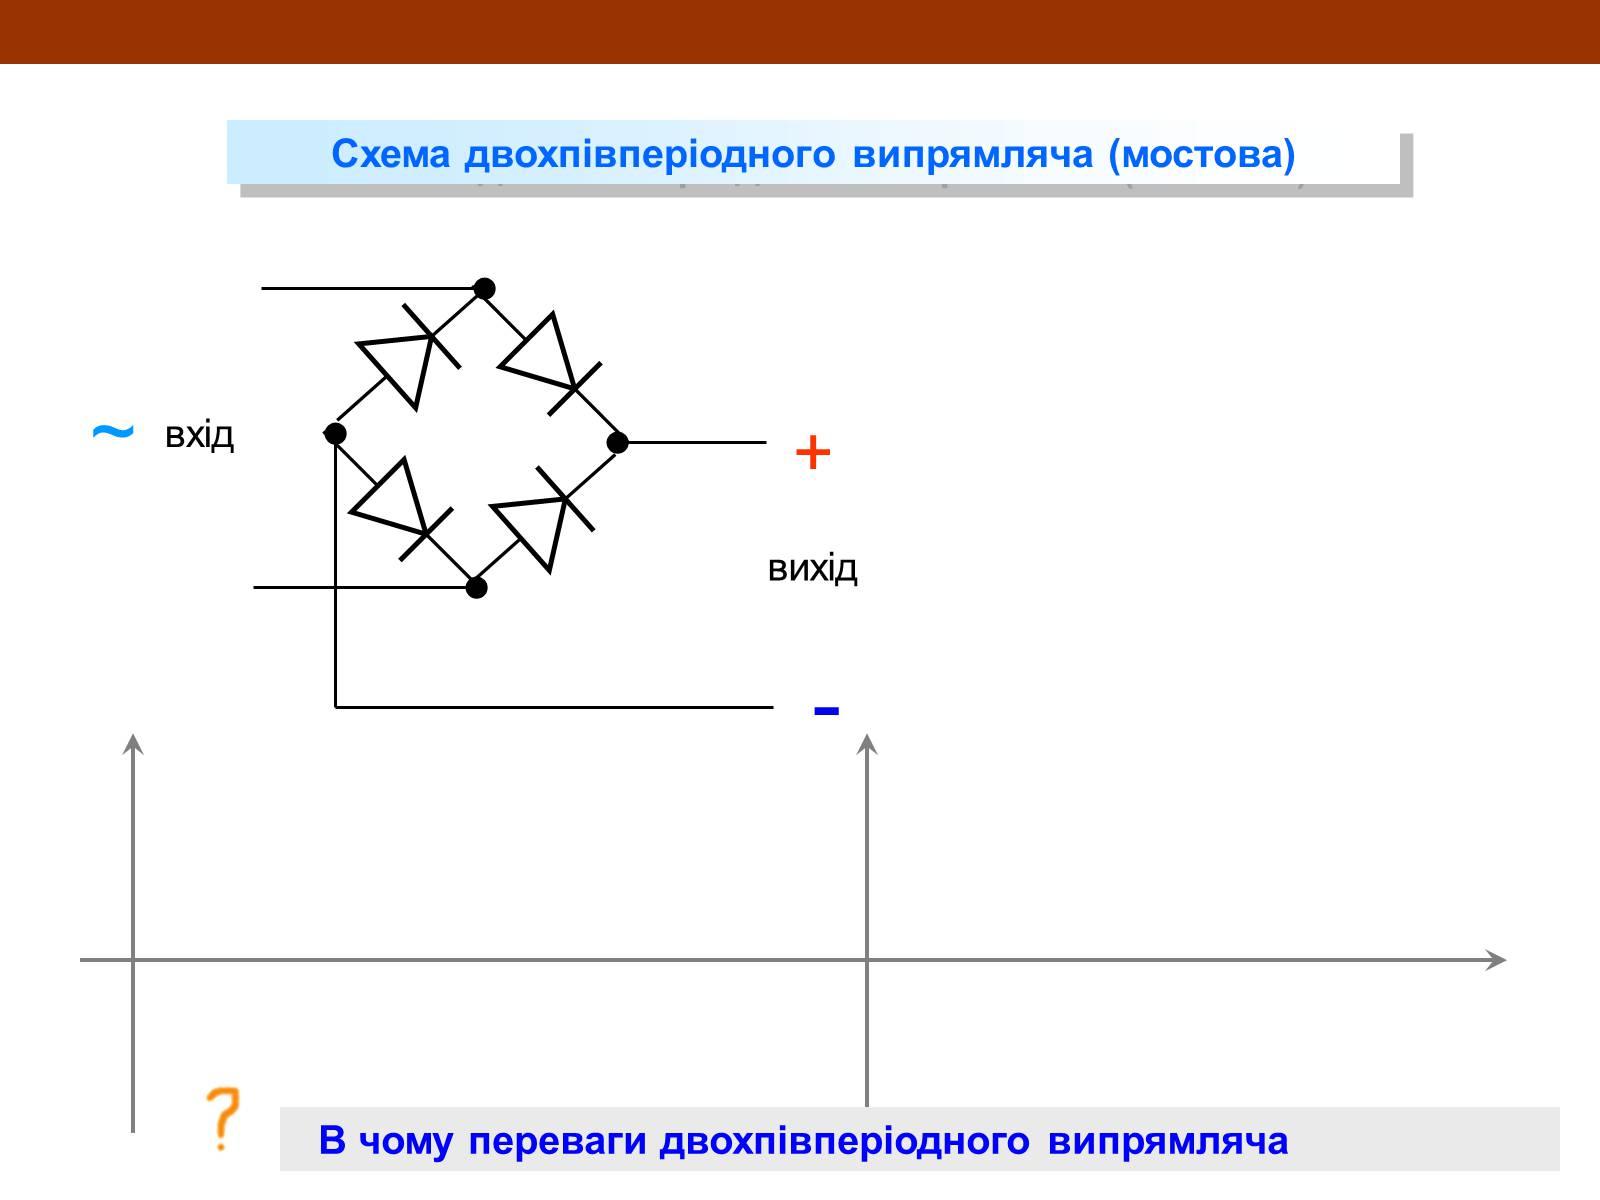 Принцип действия двухполупериодной мостовой схемы выпрямления